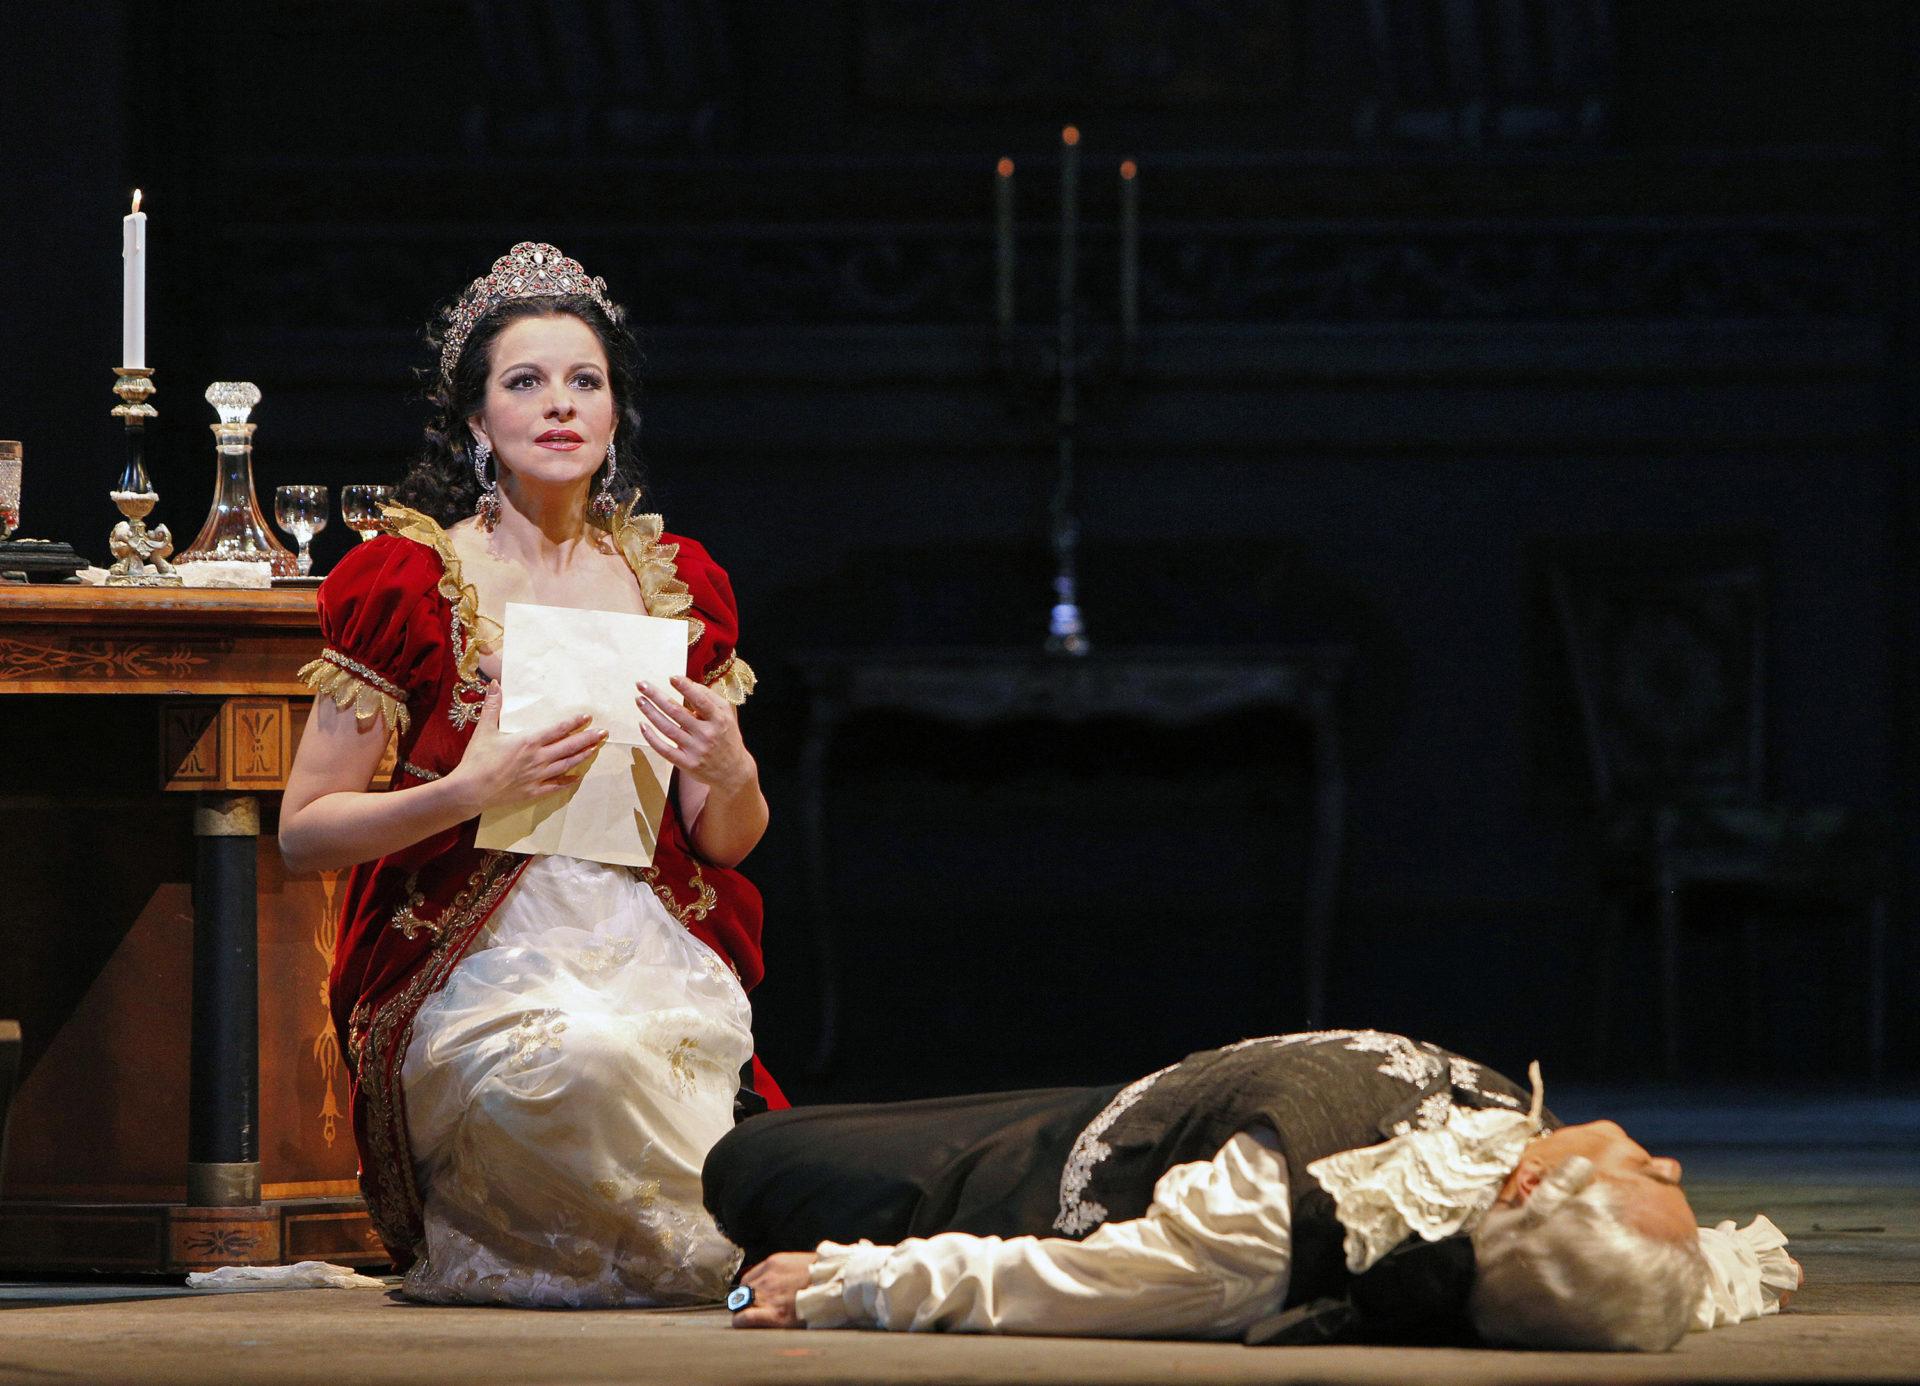 Mi-a părut rău că nu o cunoscusem pe Tosca